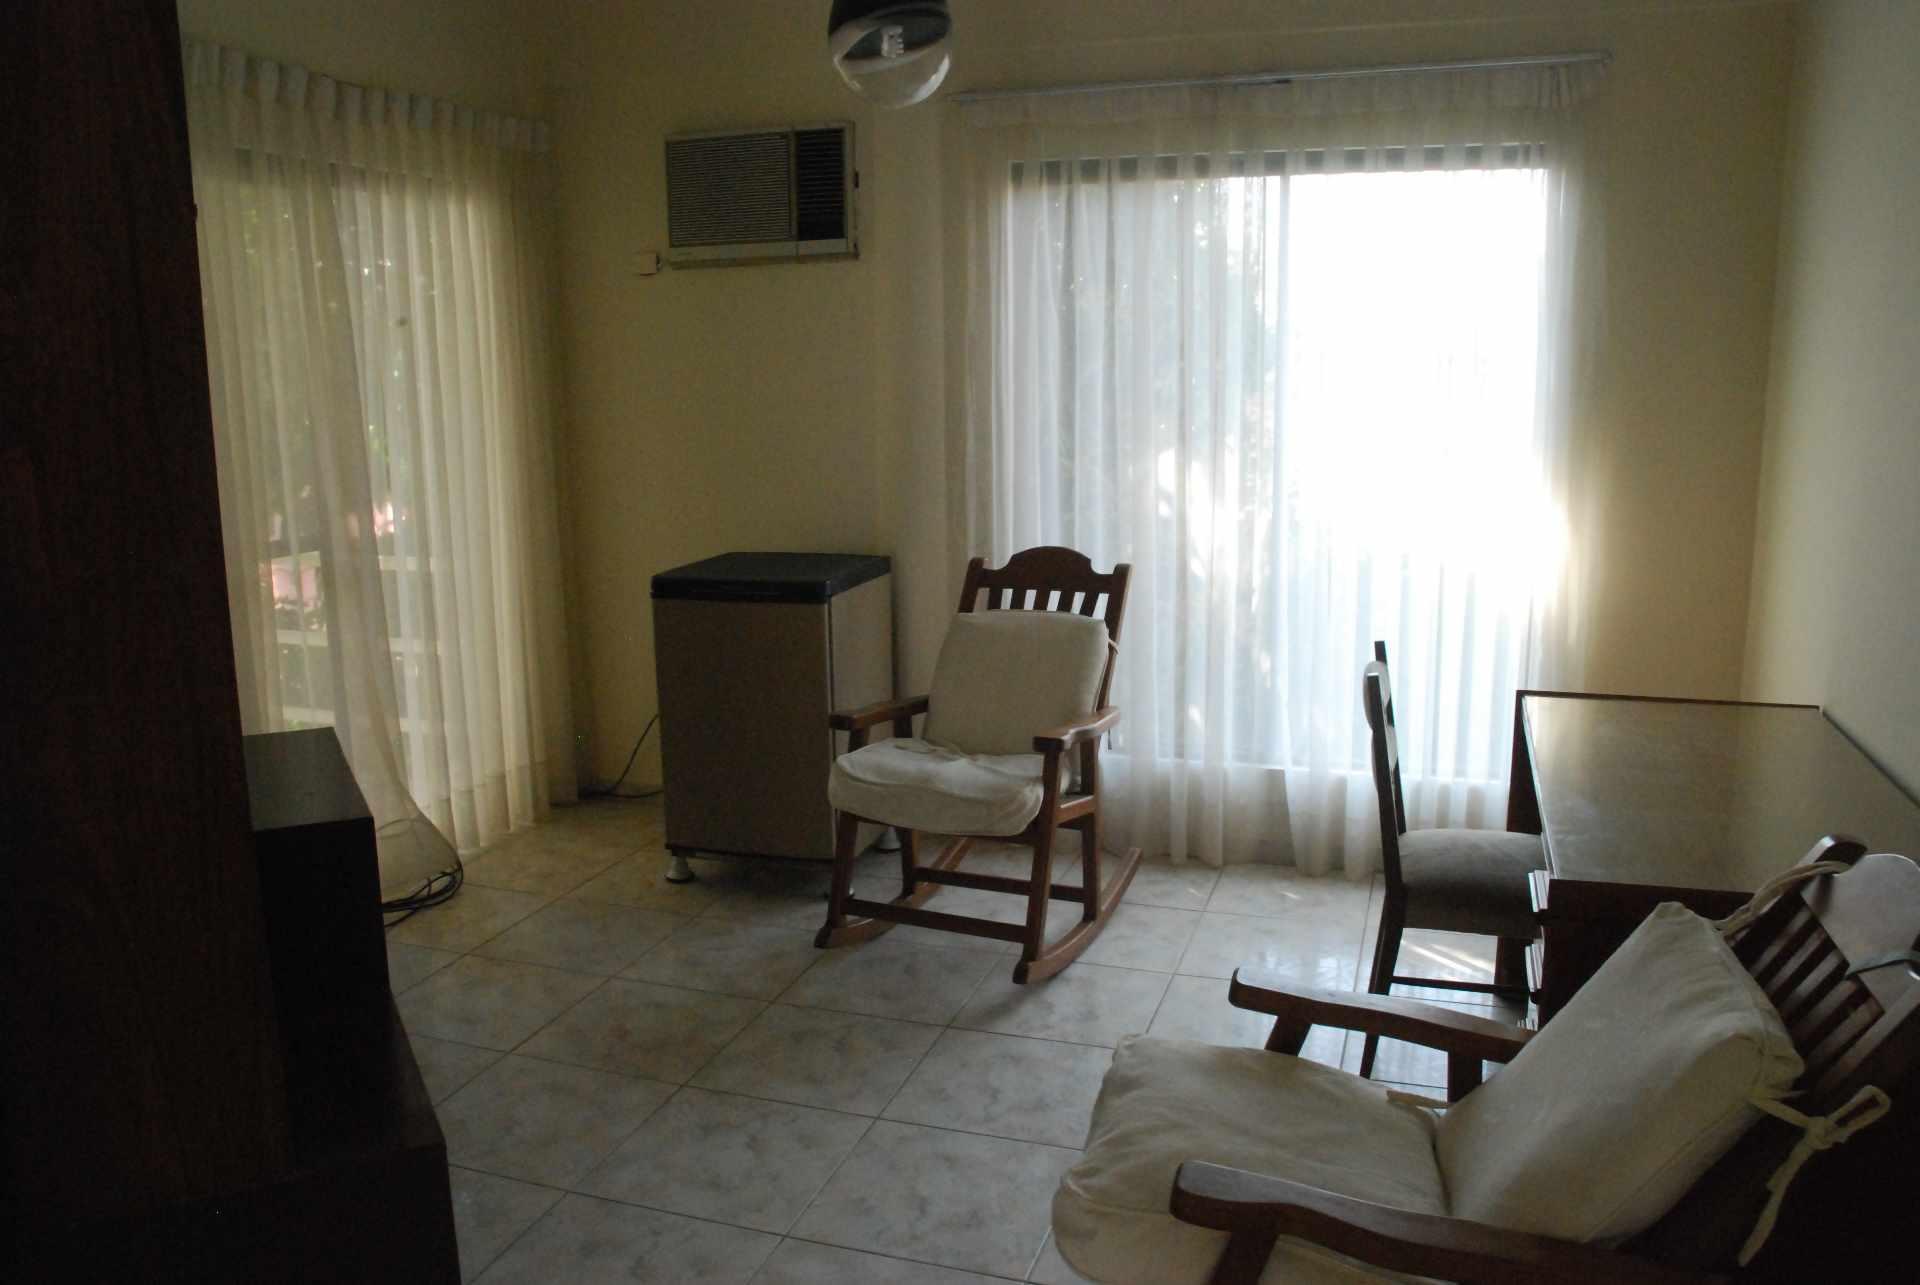 Casa en Alquiler Condominio Barrio Norte , al lado del Mall Las Brisas, 4to anillo Avenida Banzer. Foto 9